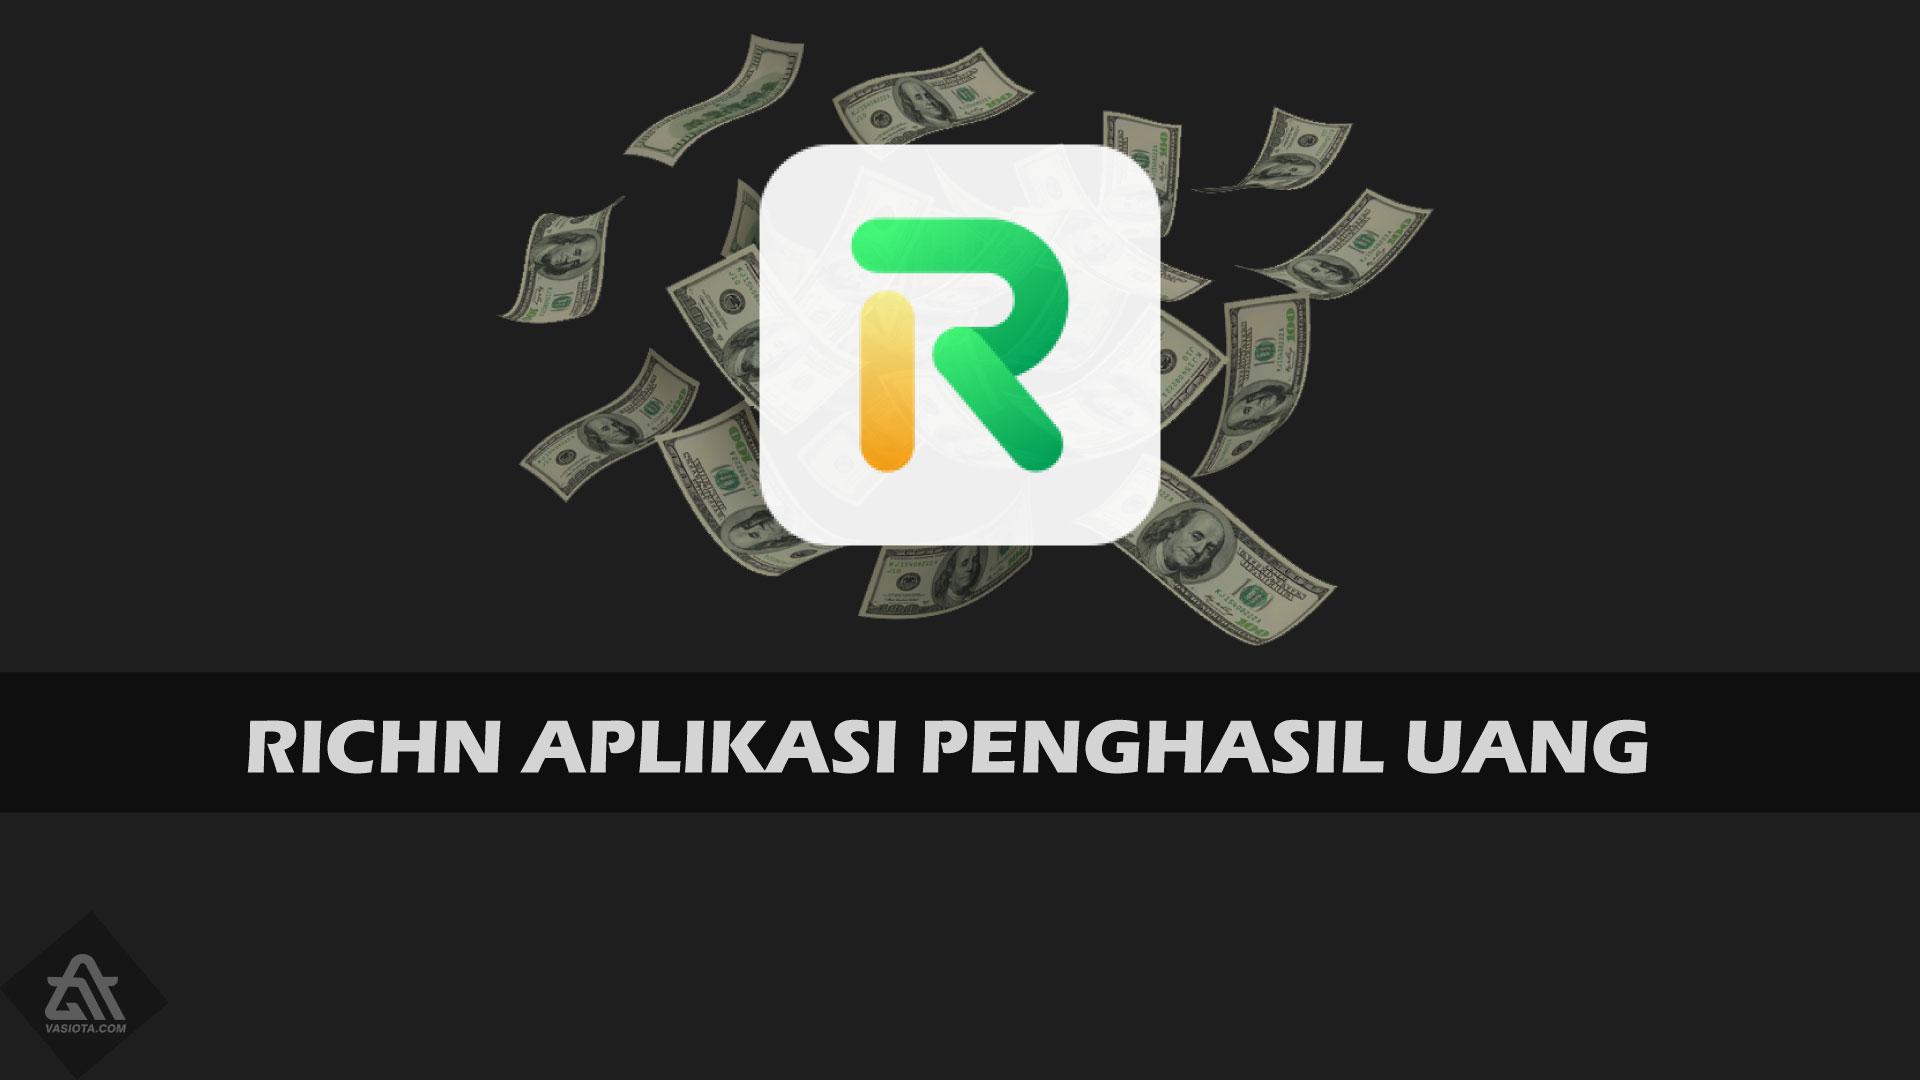 RichN Penghasil Uang